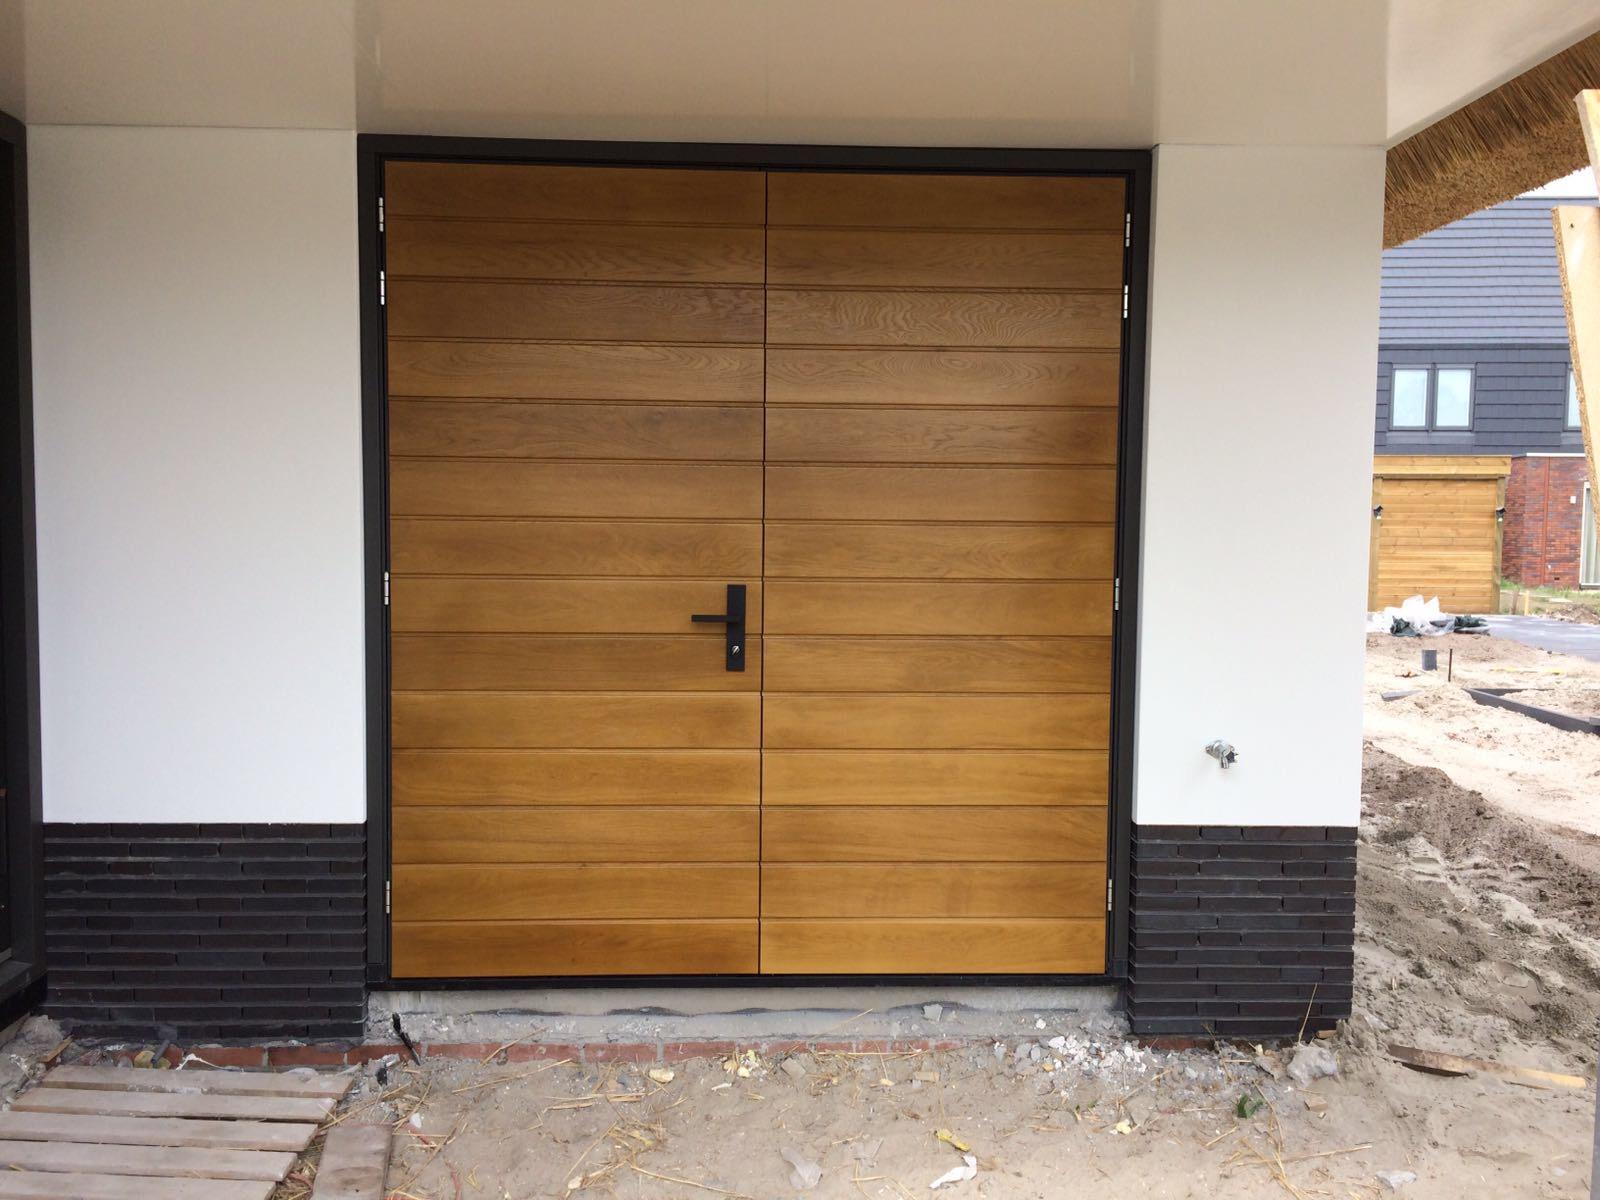 Project houten openslaande garagedeur met bijpassende voordeur - Deur kast garagedeur ...